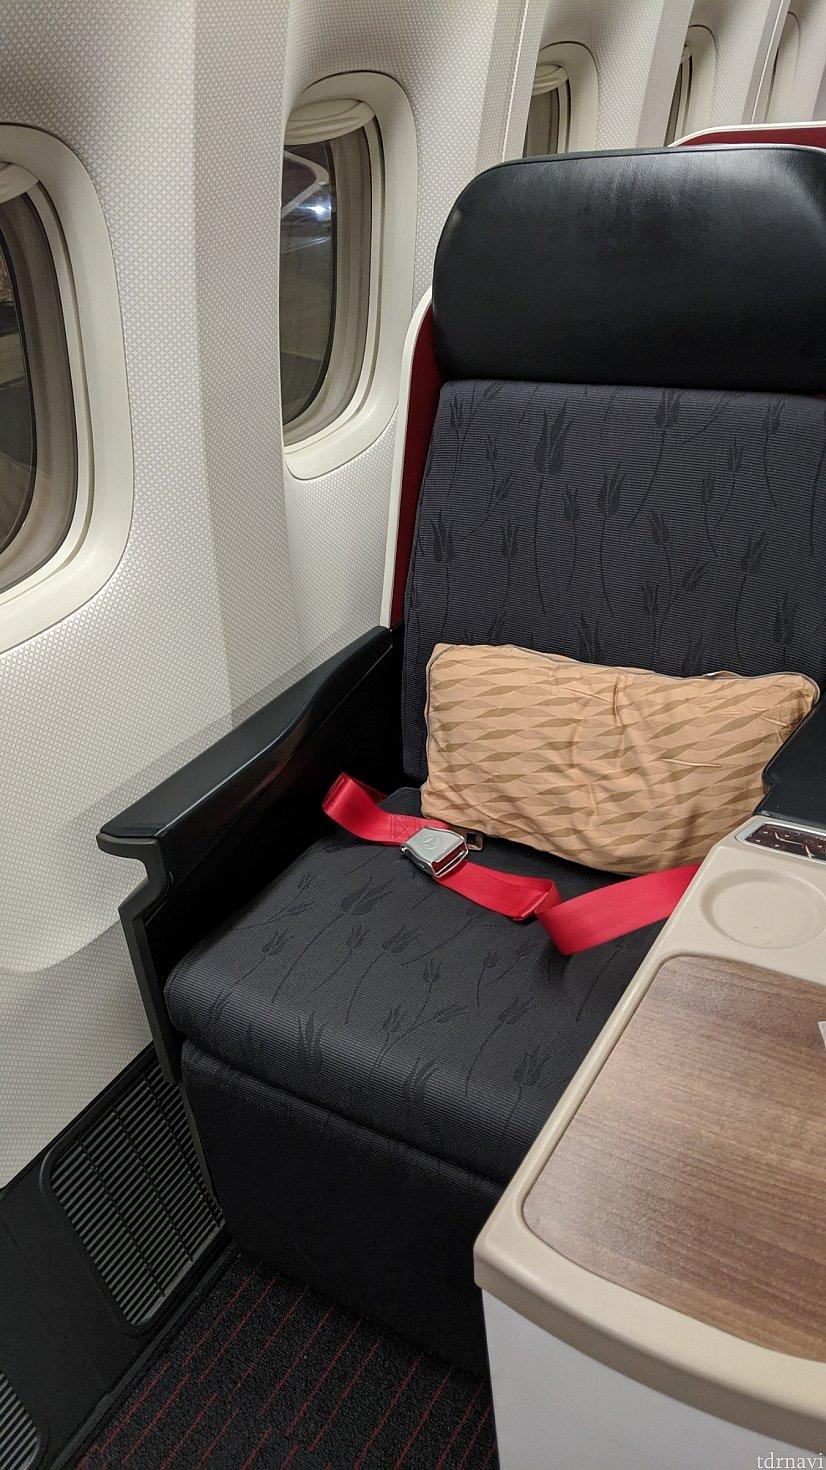 シート形状。<br> 寝るときは、マットをひいて、厚手のブラケット、枕もピローケースに入れてくれます。